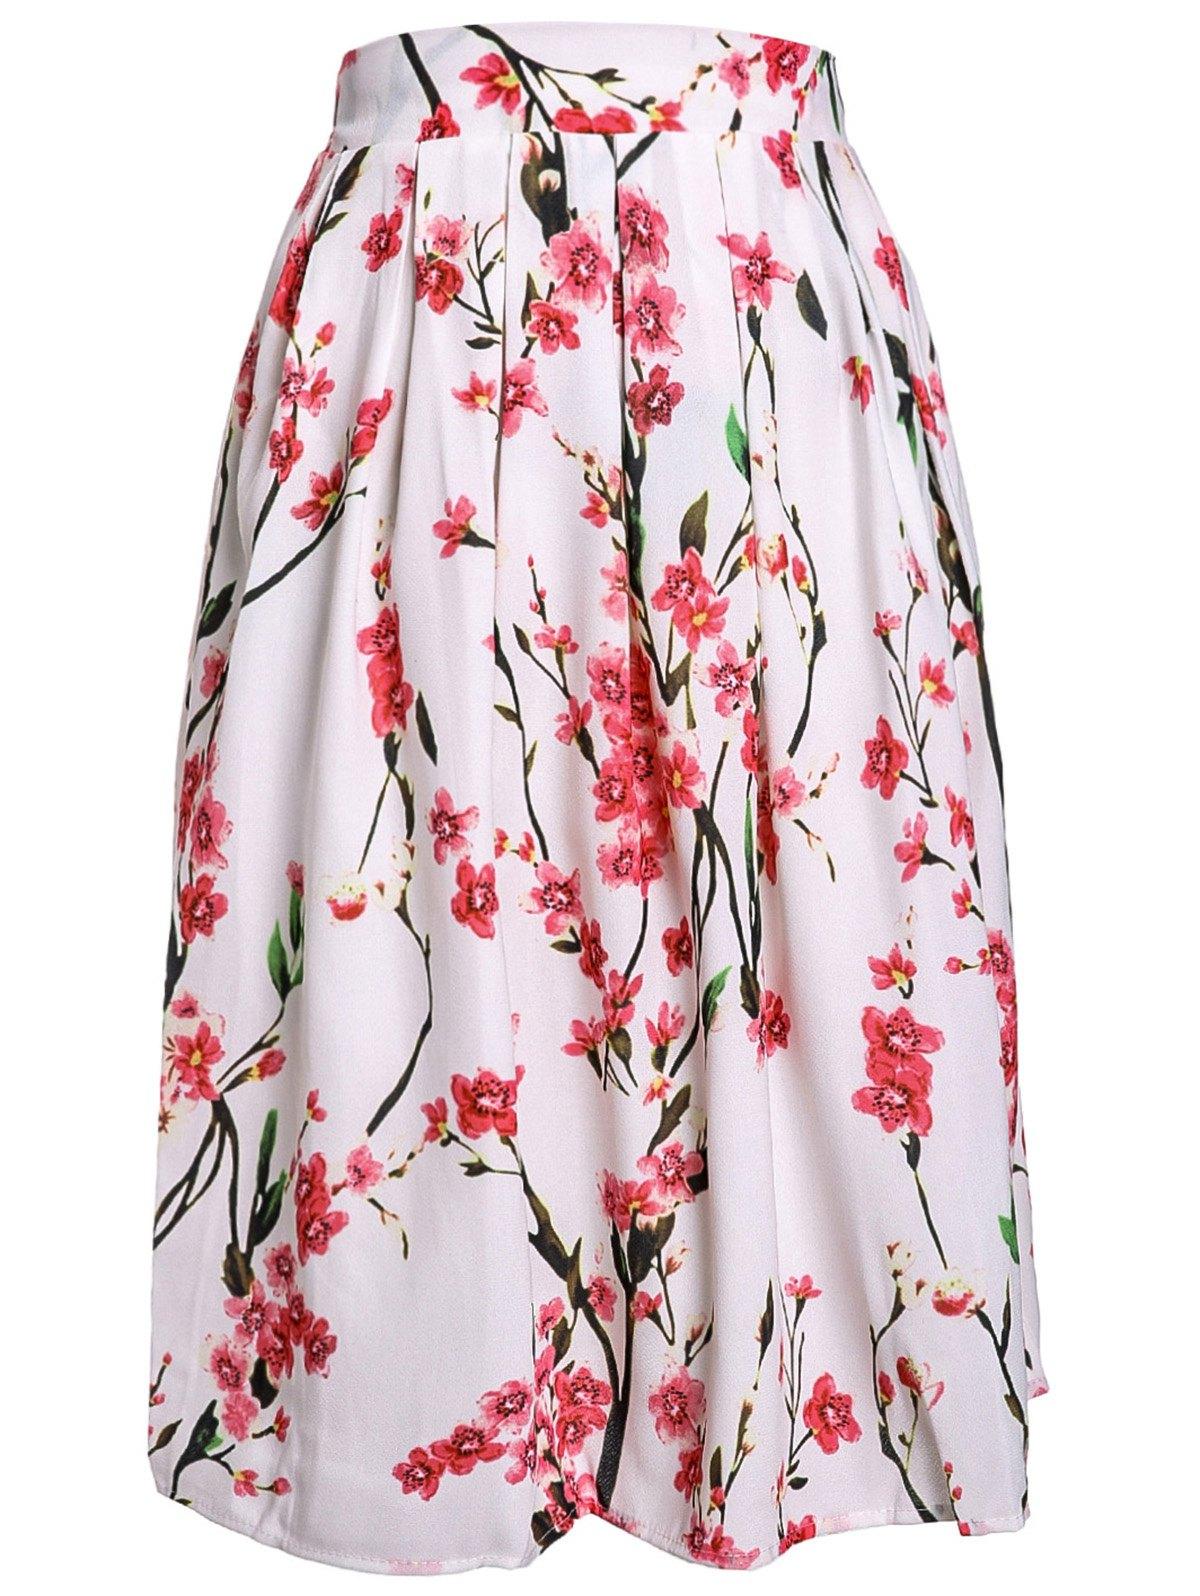 Sweet Peach Print Ball Gown Skirt